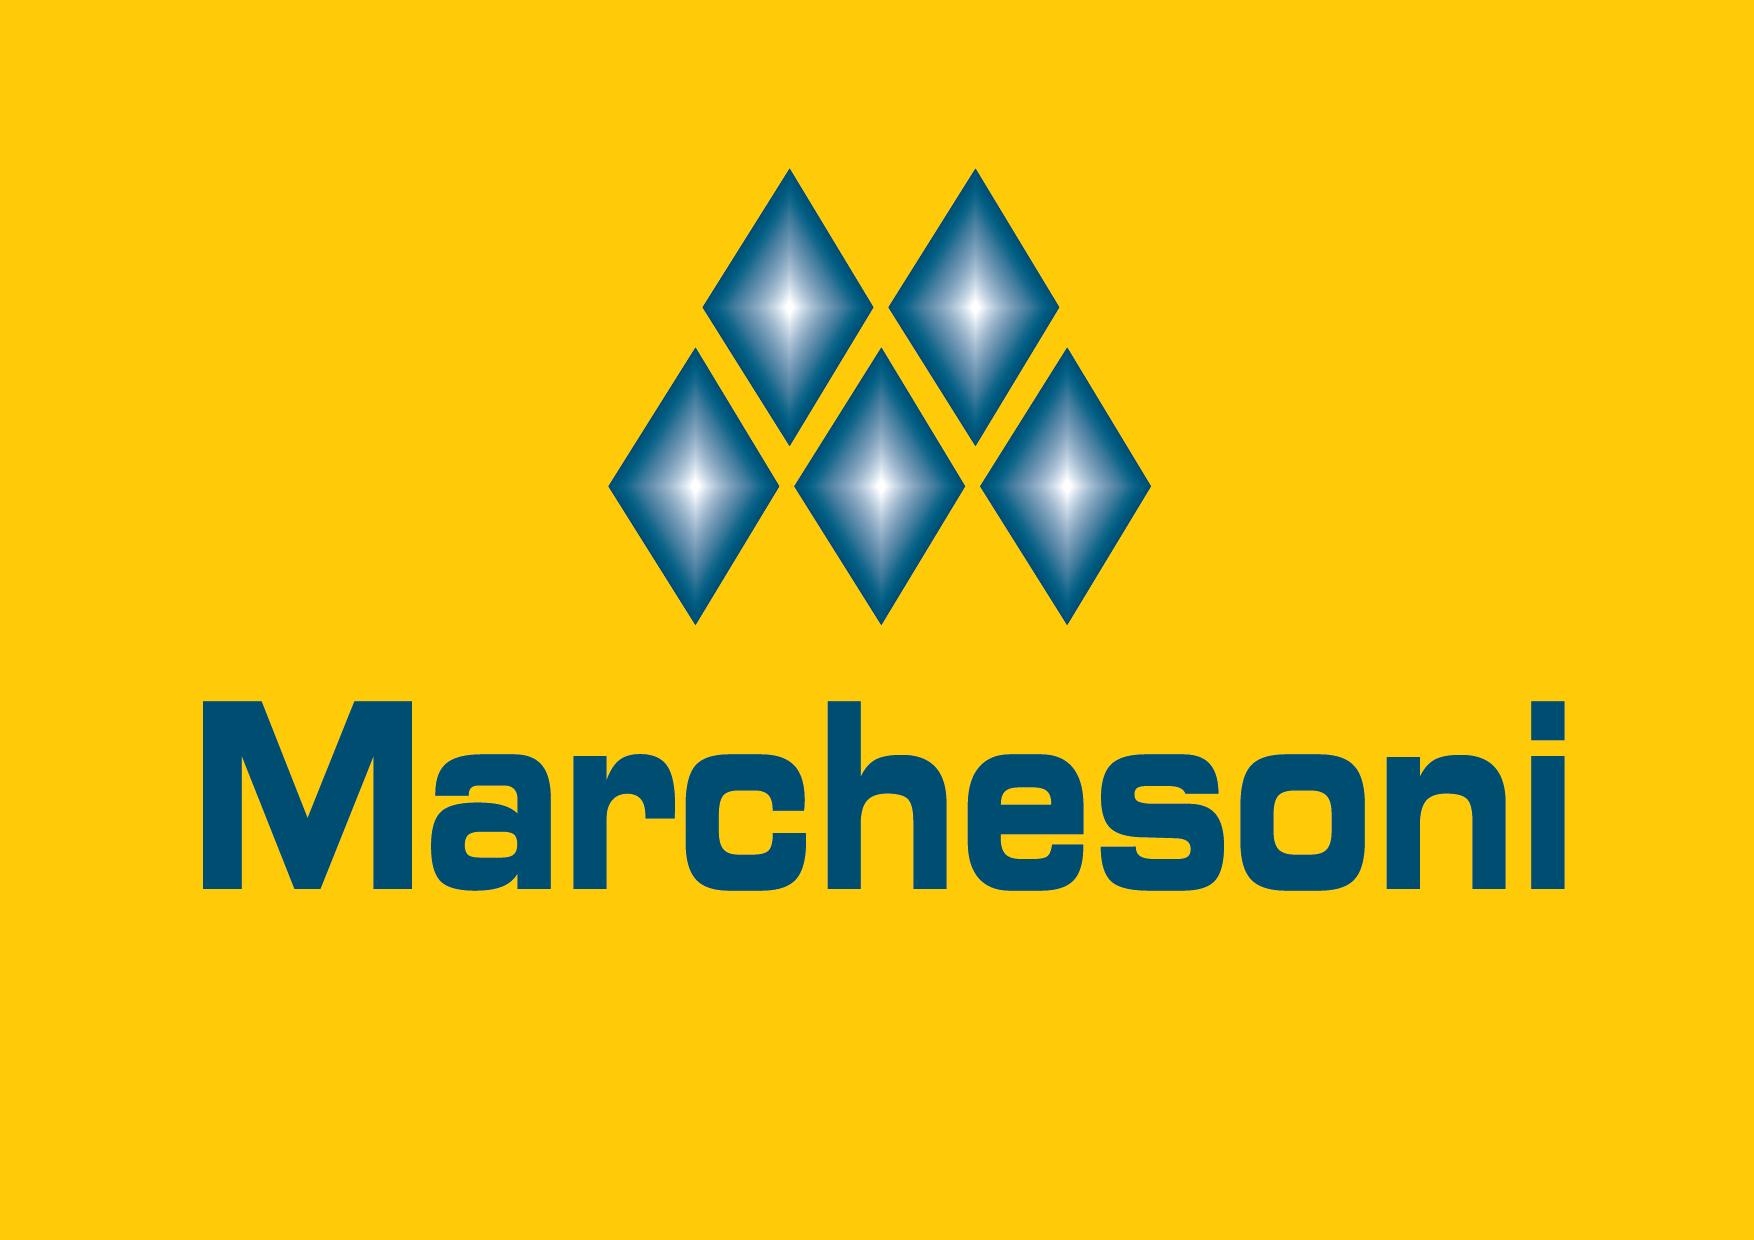 Cabeçote Elétrico para Fritadeiras de 6 ou 12 Litros a Gás Marchesoni - 5424/5427  - Carmel Equipamentos